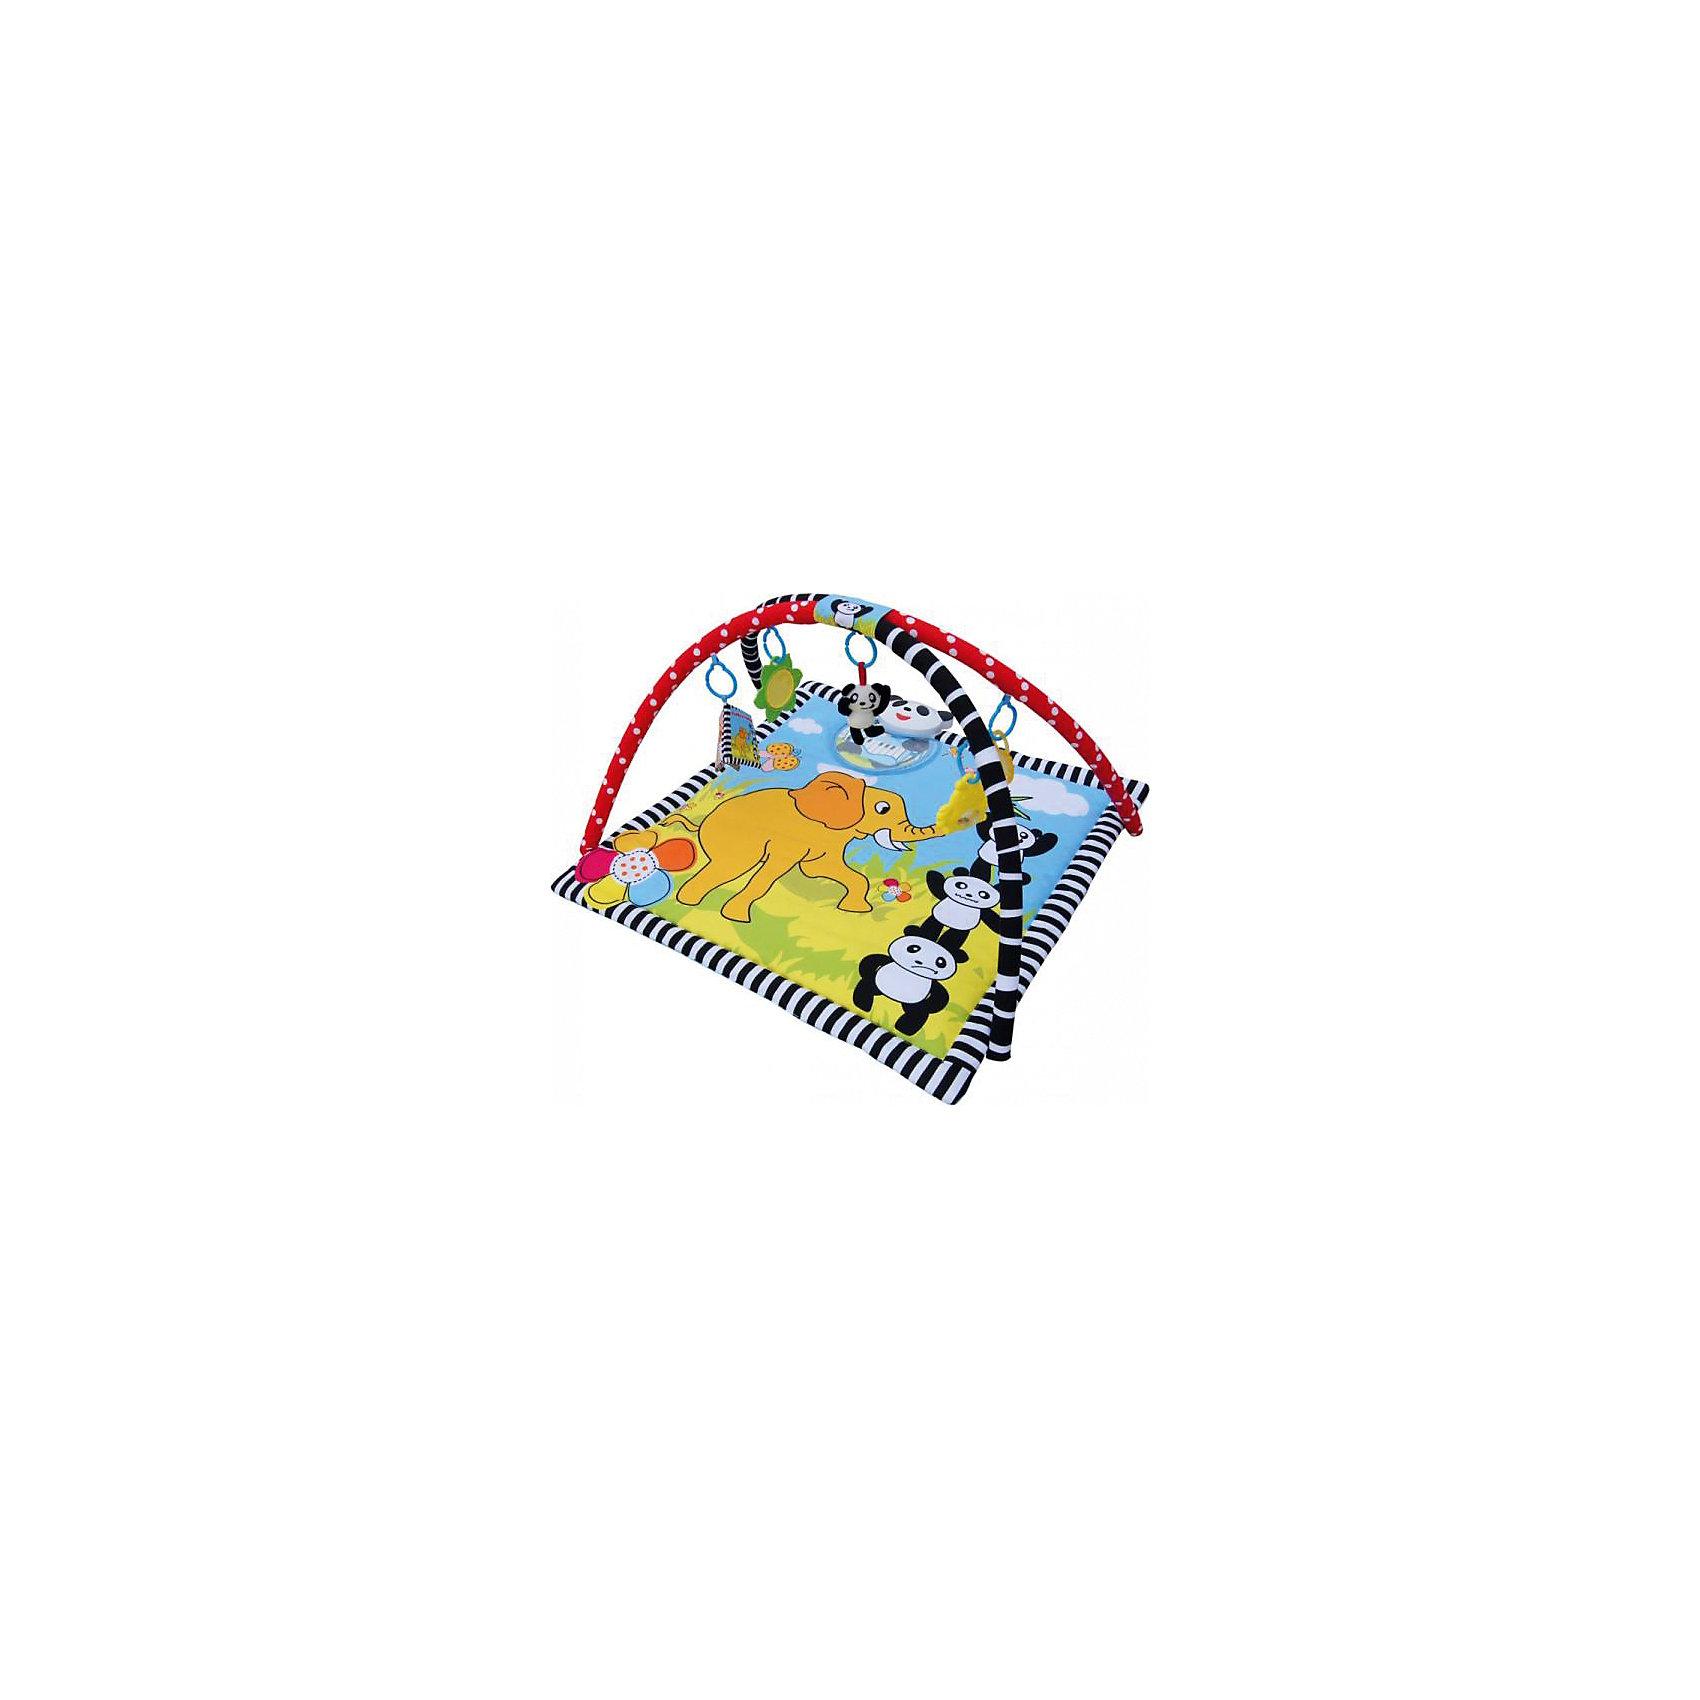 Развивающий коврик Панда в раю, LaDiDa, жёлтый/голубойЯркий развивающий коврик обязательно привлечет внимание малышей, надолго их заинтересует и поможет развить моторику, хватательный рефлекс и цветовосприятие. Коврик имеет две дуги, на которых расположены очаровательные игрушки. Подвески выполнены из материалов различных фактур, благодаря чему ваш кроха сможет развить тактильные ощущения, играя с ними. Коврик оснащен встроенной музыкальной шкатулкой с клавиатурой (7 нот), носик панды является кнопкой включения музыки, кроме того, глаза подвесного мишки мигают огоньками. Коврик выполнен из высококачественных материалов, в производстве изделия использованы только качественные безопасные для детей красители. Коврик компактно складывается, удобен в хранении и транспортировке.<br><br>Дополнительная информация:<br><br>- Материал: пластик, текстиль.<br>- Комплектация: коврик с двумя дугами, 5 подвесок (плюшевая погремушка-панда, пластиковая погремушка-цыпленок, мягкая книжка, зеркальце, прорезыватель).<br>- Размер: 87x87x50 см.<br>- Музыкальный модуль.<br>- Огоньки. <br>- Легко стирается. <br><br>Развивающий коврик Панда в раю, LaDiDa, жёлтый/голубой, можно купить в нашем магазине.<br><br>Ширина мм: 575<br>Глубина мм: 500<br>Высота мм: 75<br>Вес г: 800<br>Возраст от месяцев: 0<br>Возраст до месяцев: 36<br>Пол: Унисекс<br>Возраст: Детский<br>SKU: 4443756